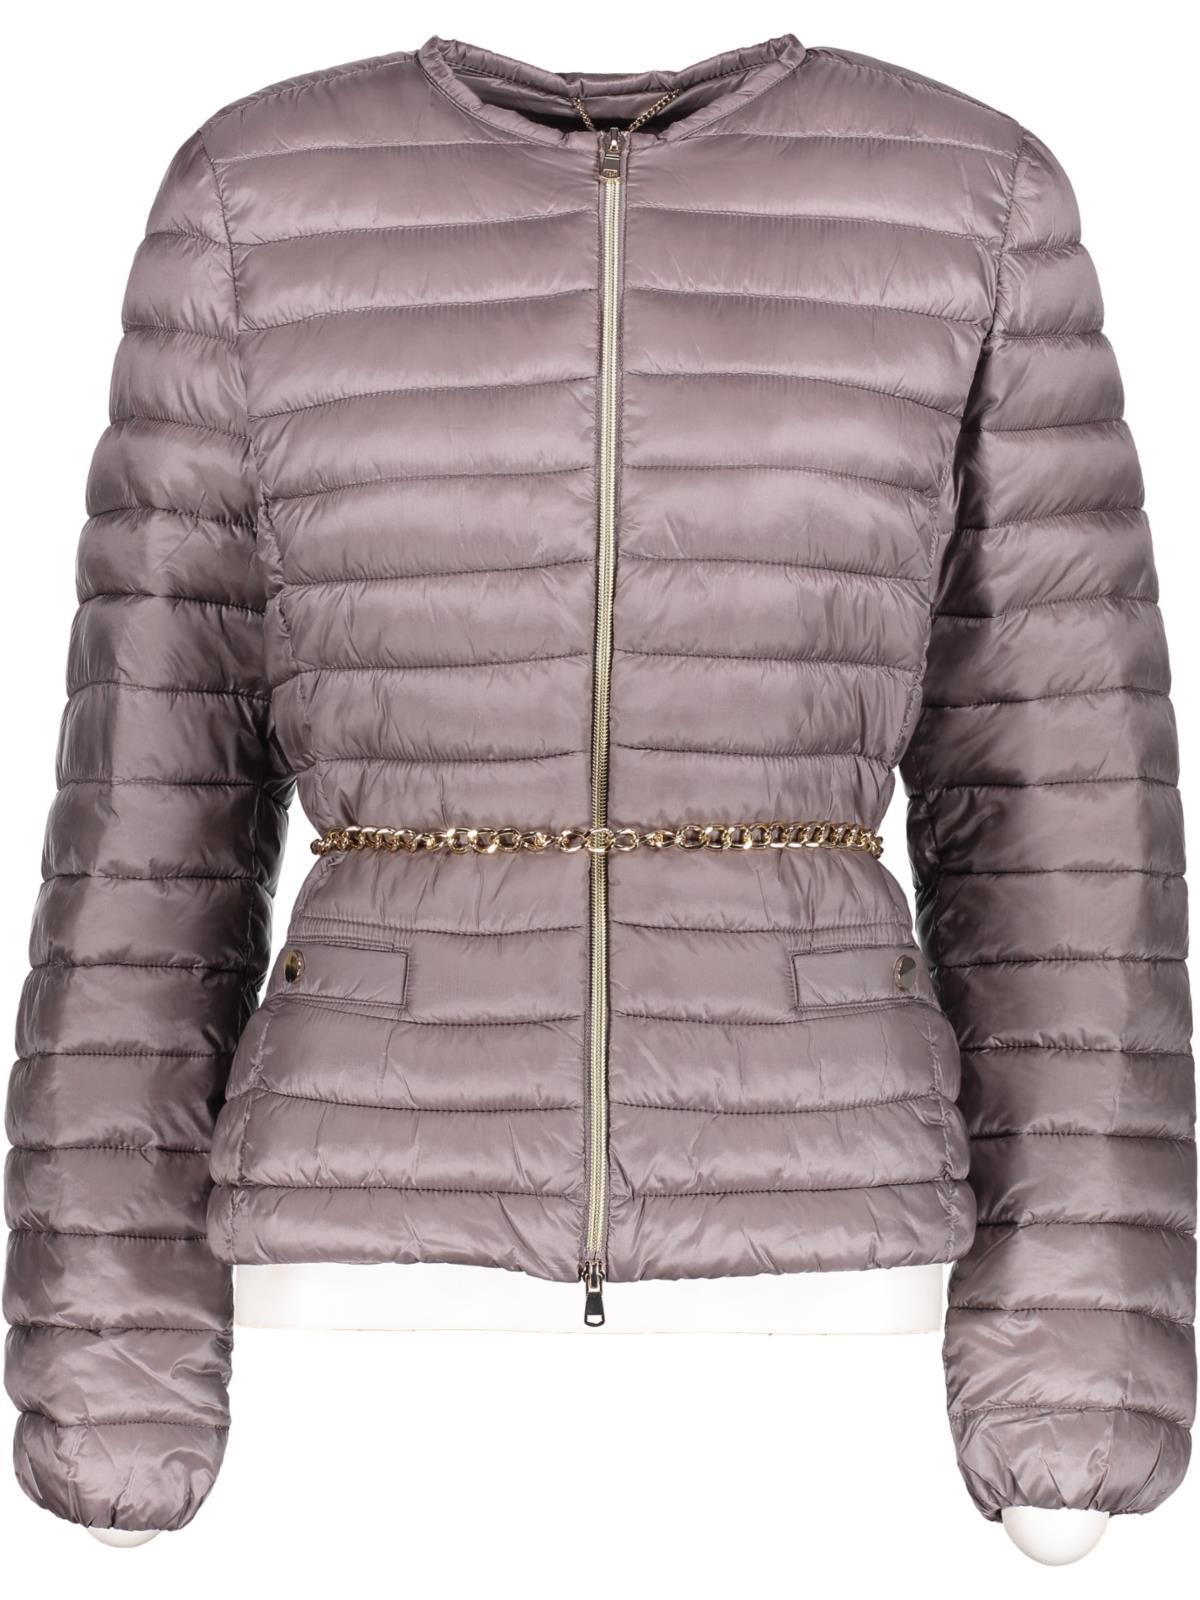 cheap for discount 61dfa bc78d Emme Marella Piumino funghi | Lombardi Moda